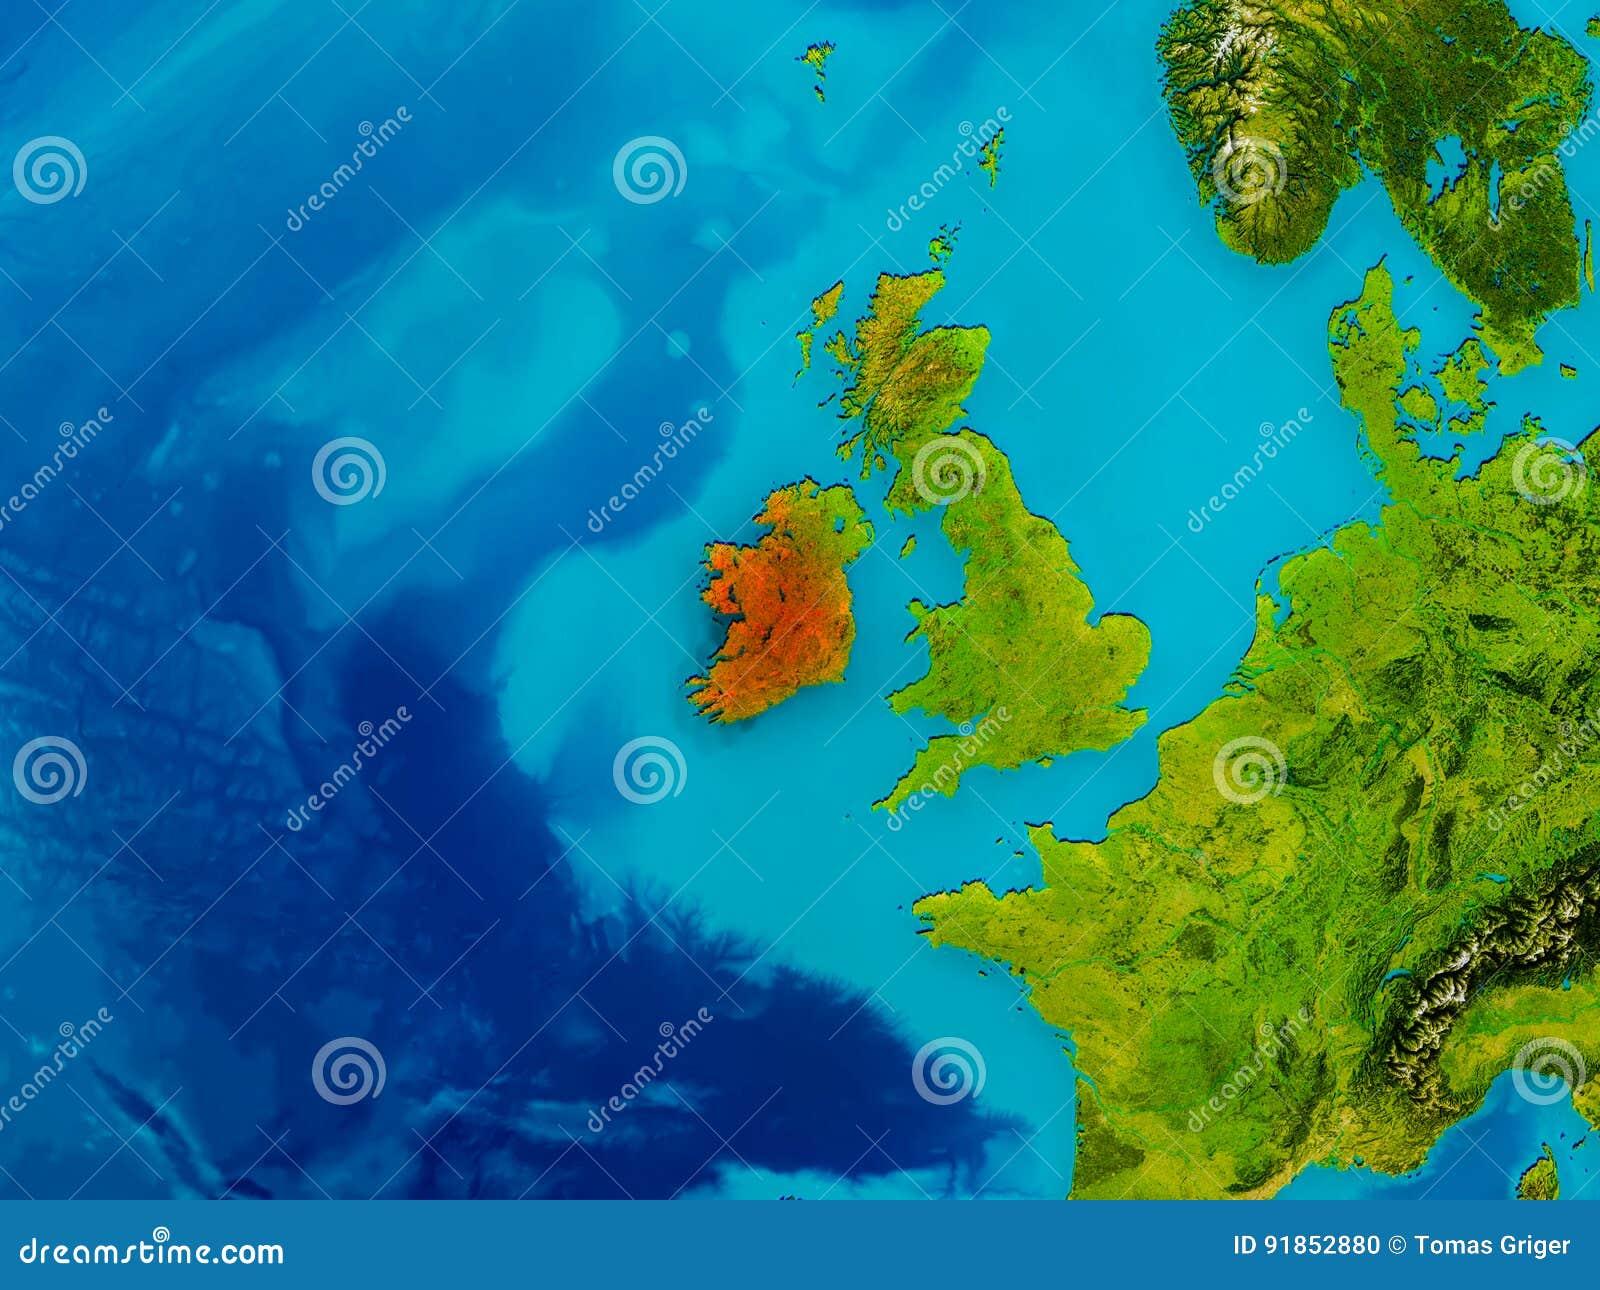 Physical Map Of Ireland.Ireland On Physical Map Stock Illustration Illustration Of Globe